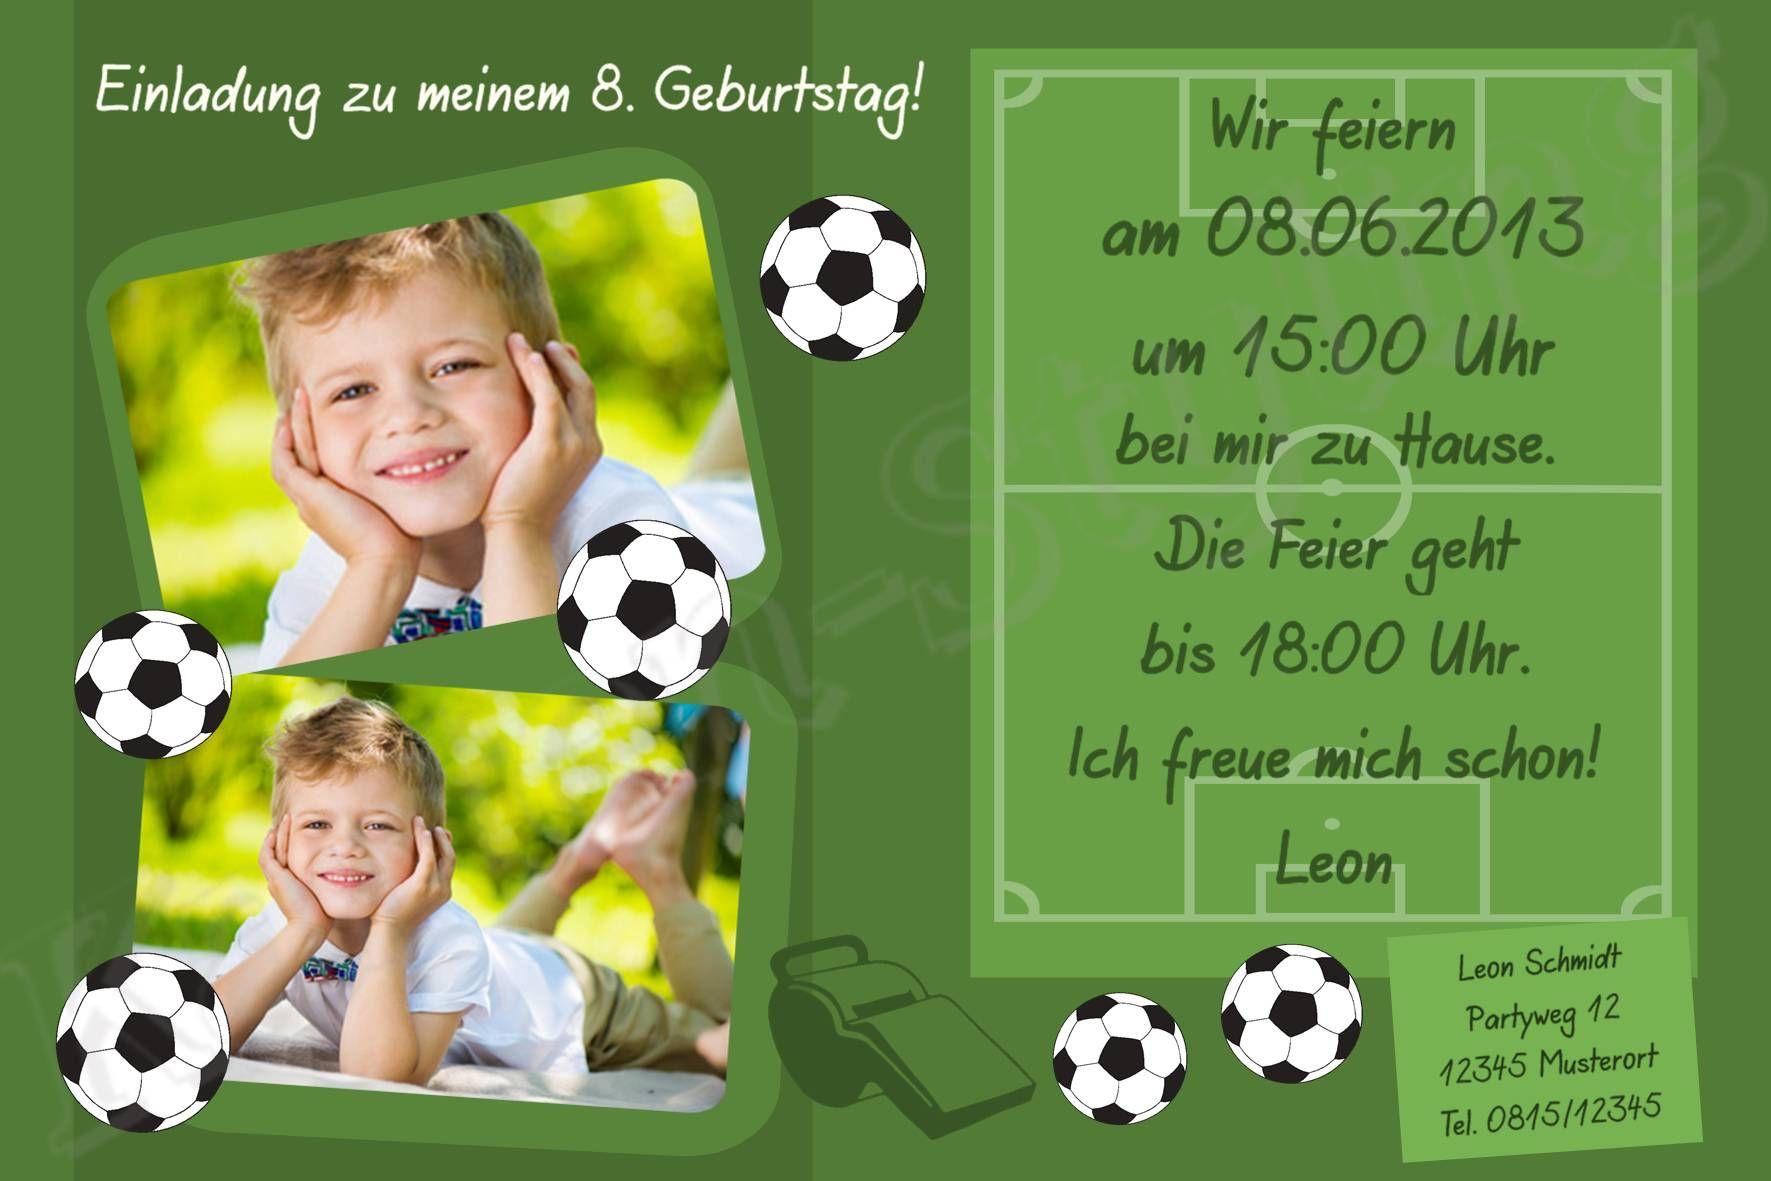 Einladungskarten Kindergeburtstag Fußball : Einladungskarten  Kindergeburtstag Fußball   Kindergeburtstag Einladung   Kindergeburtstag  Einladung